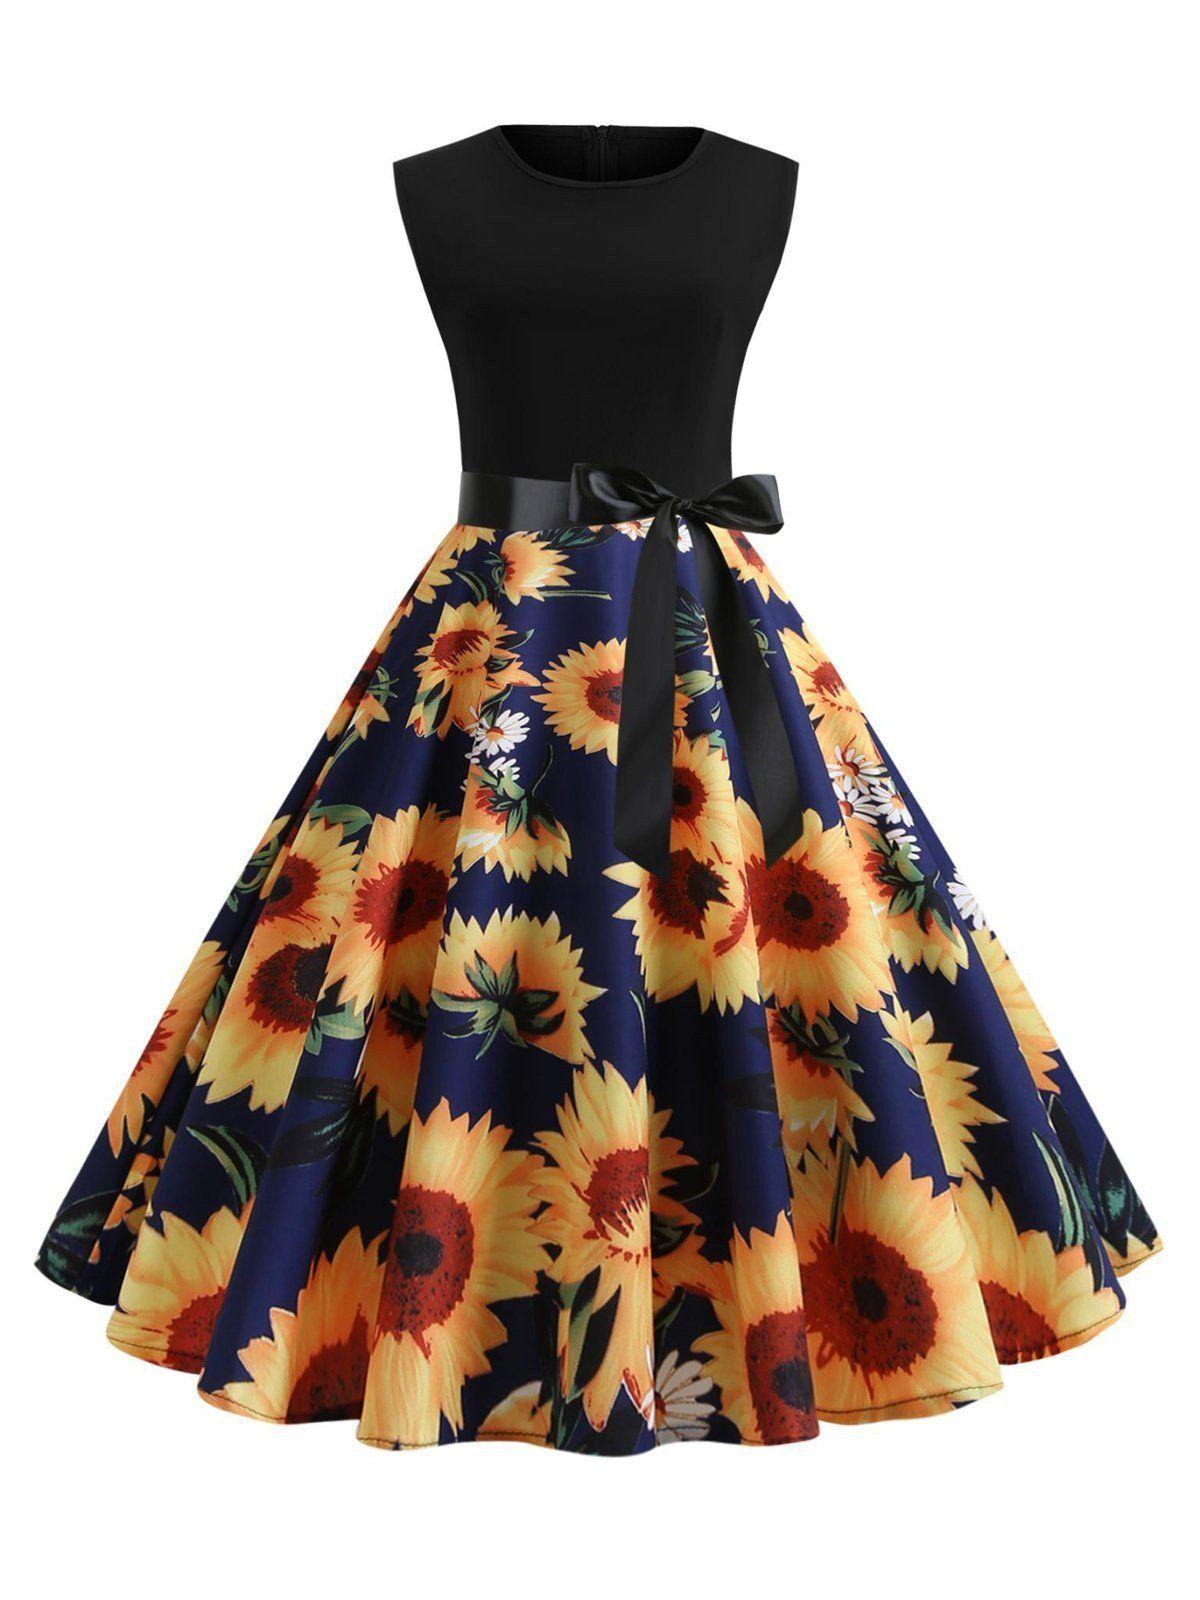 Navyblue Sunflower Floral Bow Swing Dress Sleeveless Dress Summer Spring Dresses Women Womens Dresses [ 1600 x 1200 Pixel ]